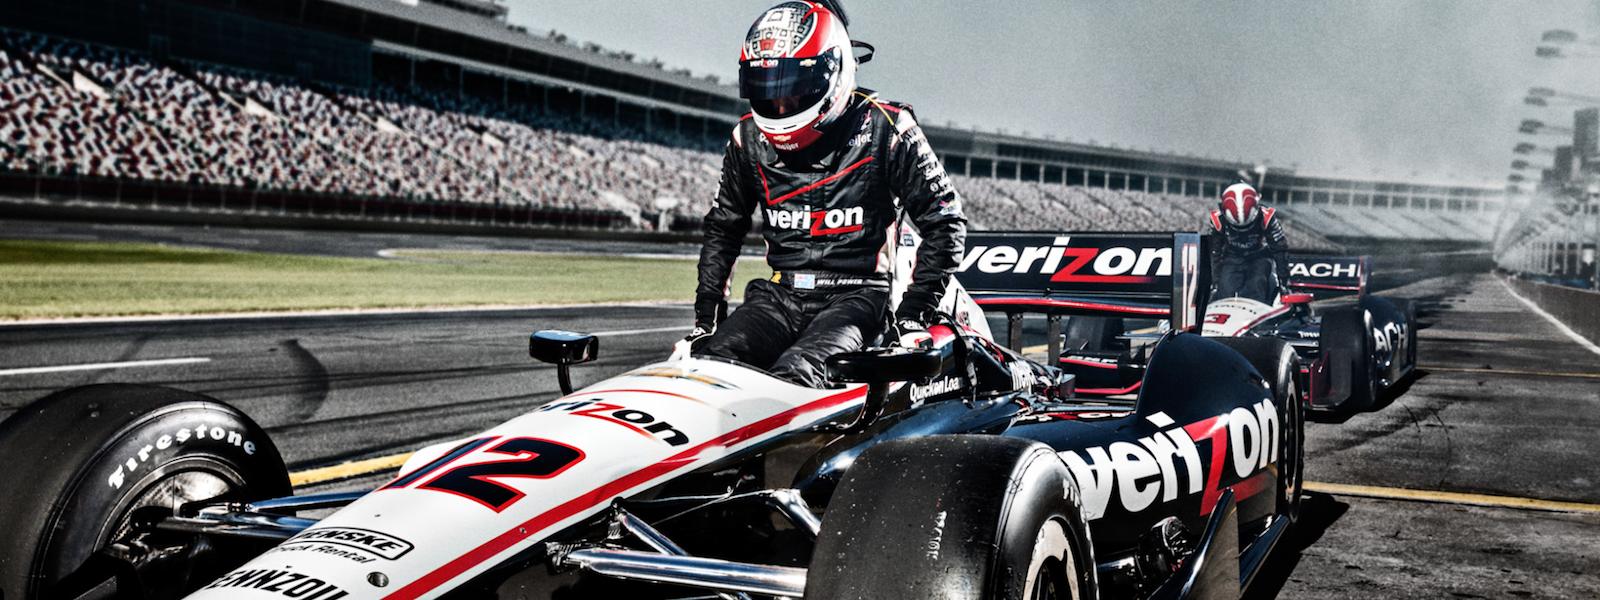 Indycar_hero.png